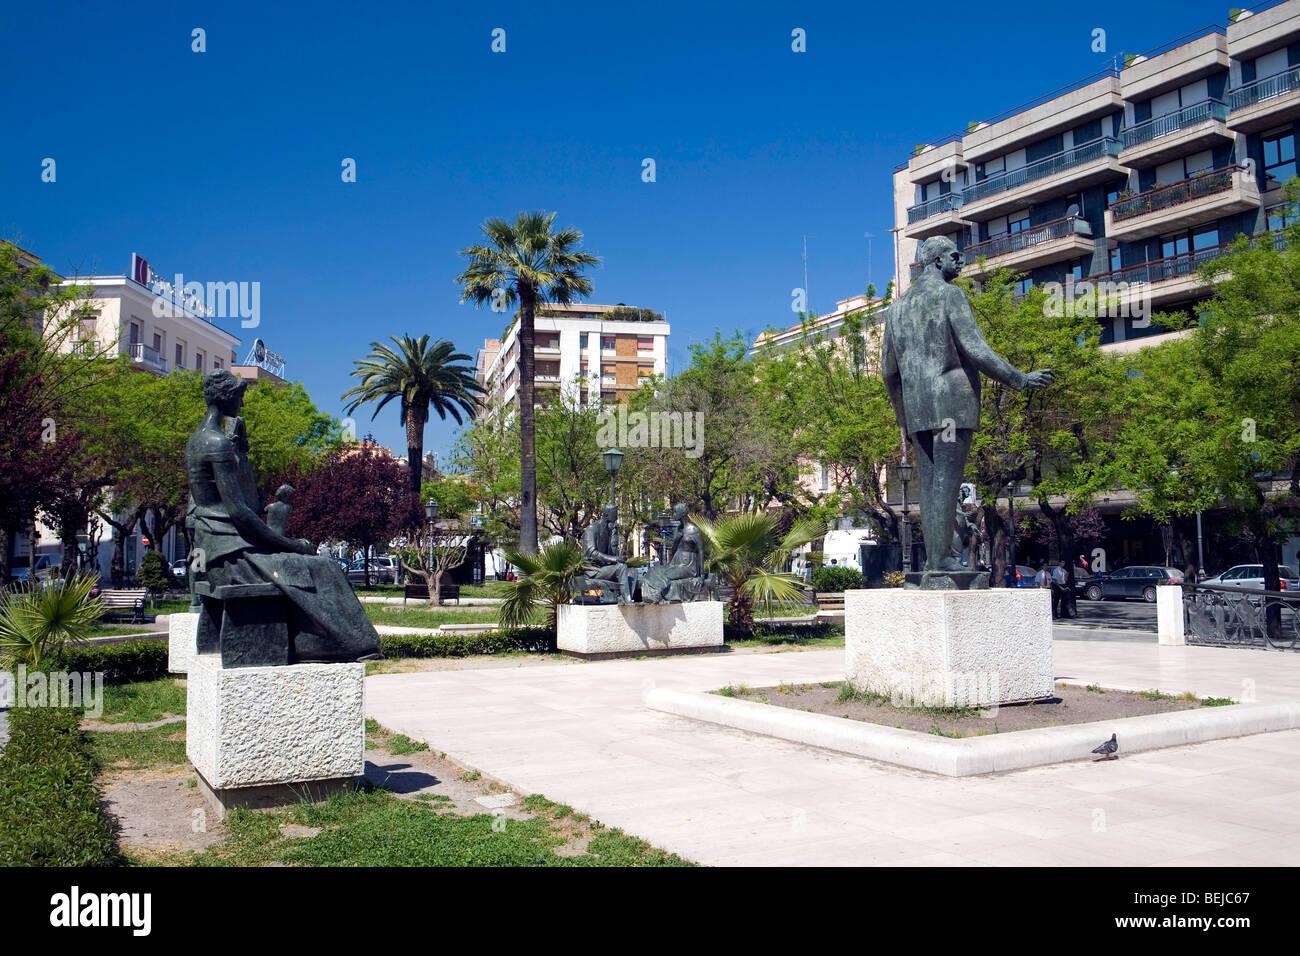 Ugo stock photos ugo stock images alamy for Puglia garden city ny